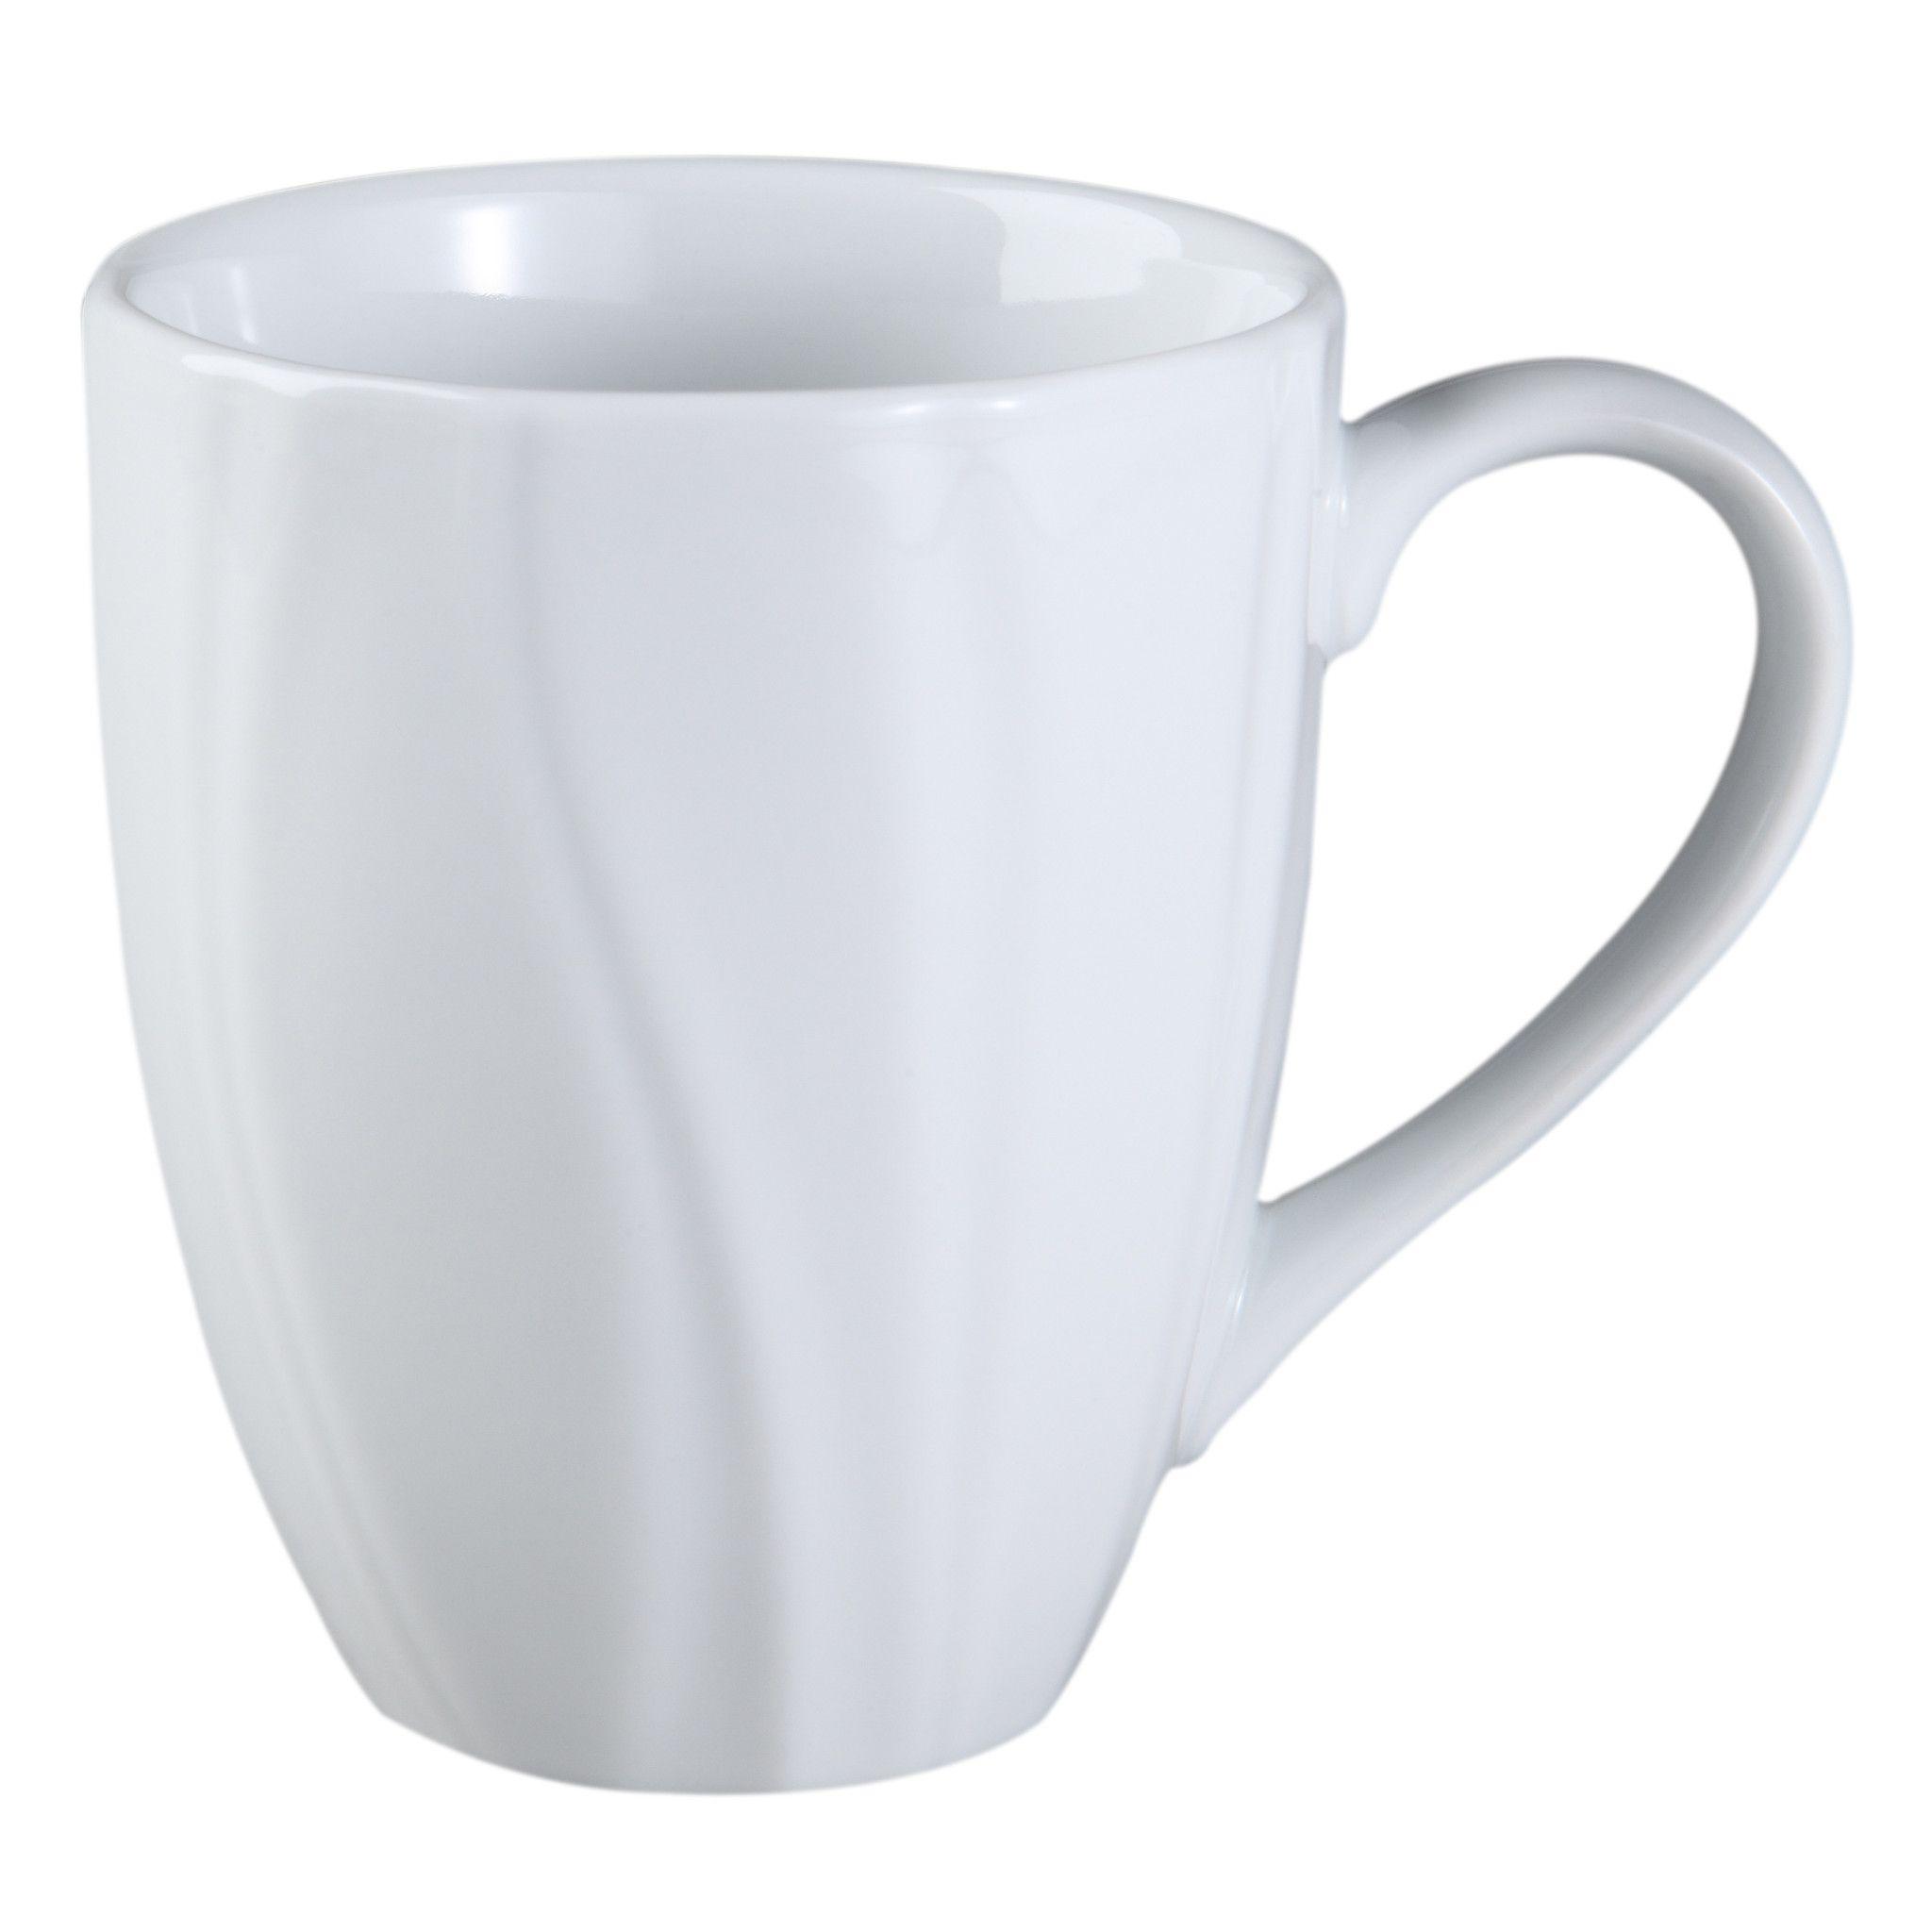 Swept 14-ounce Mug